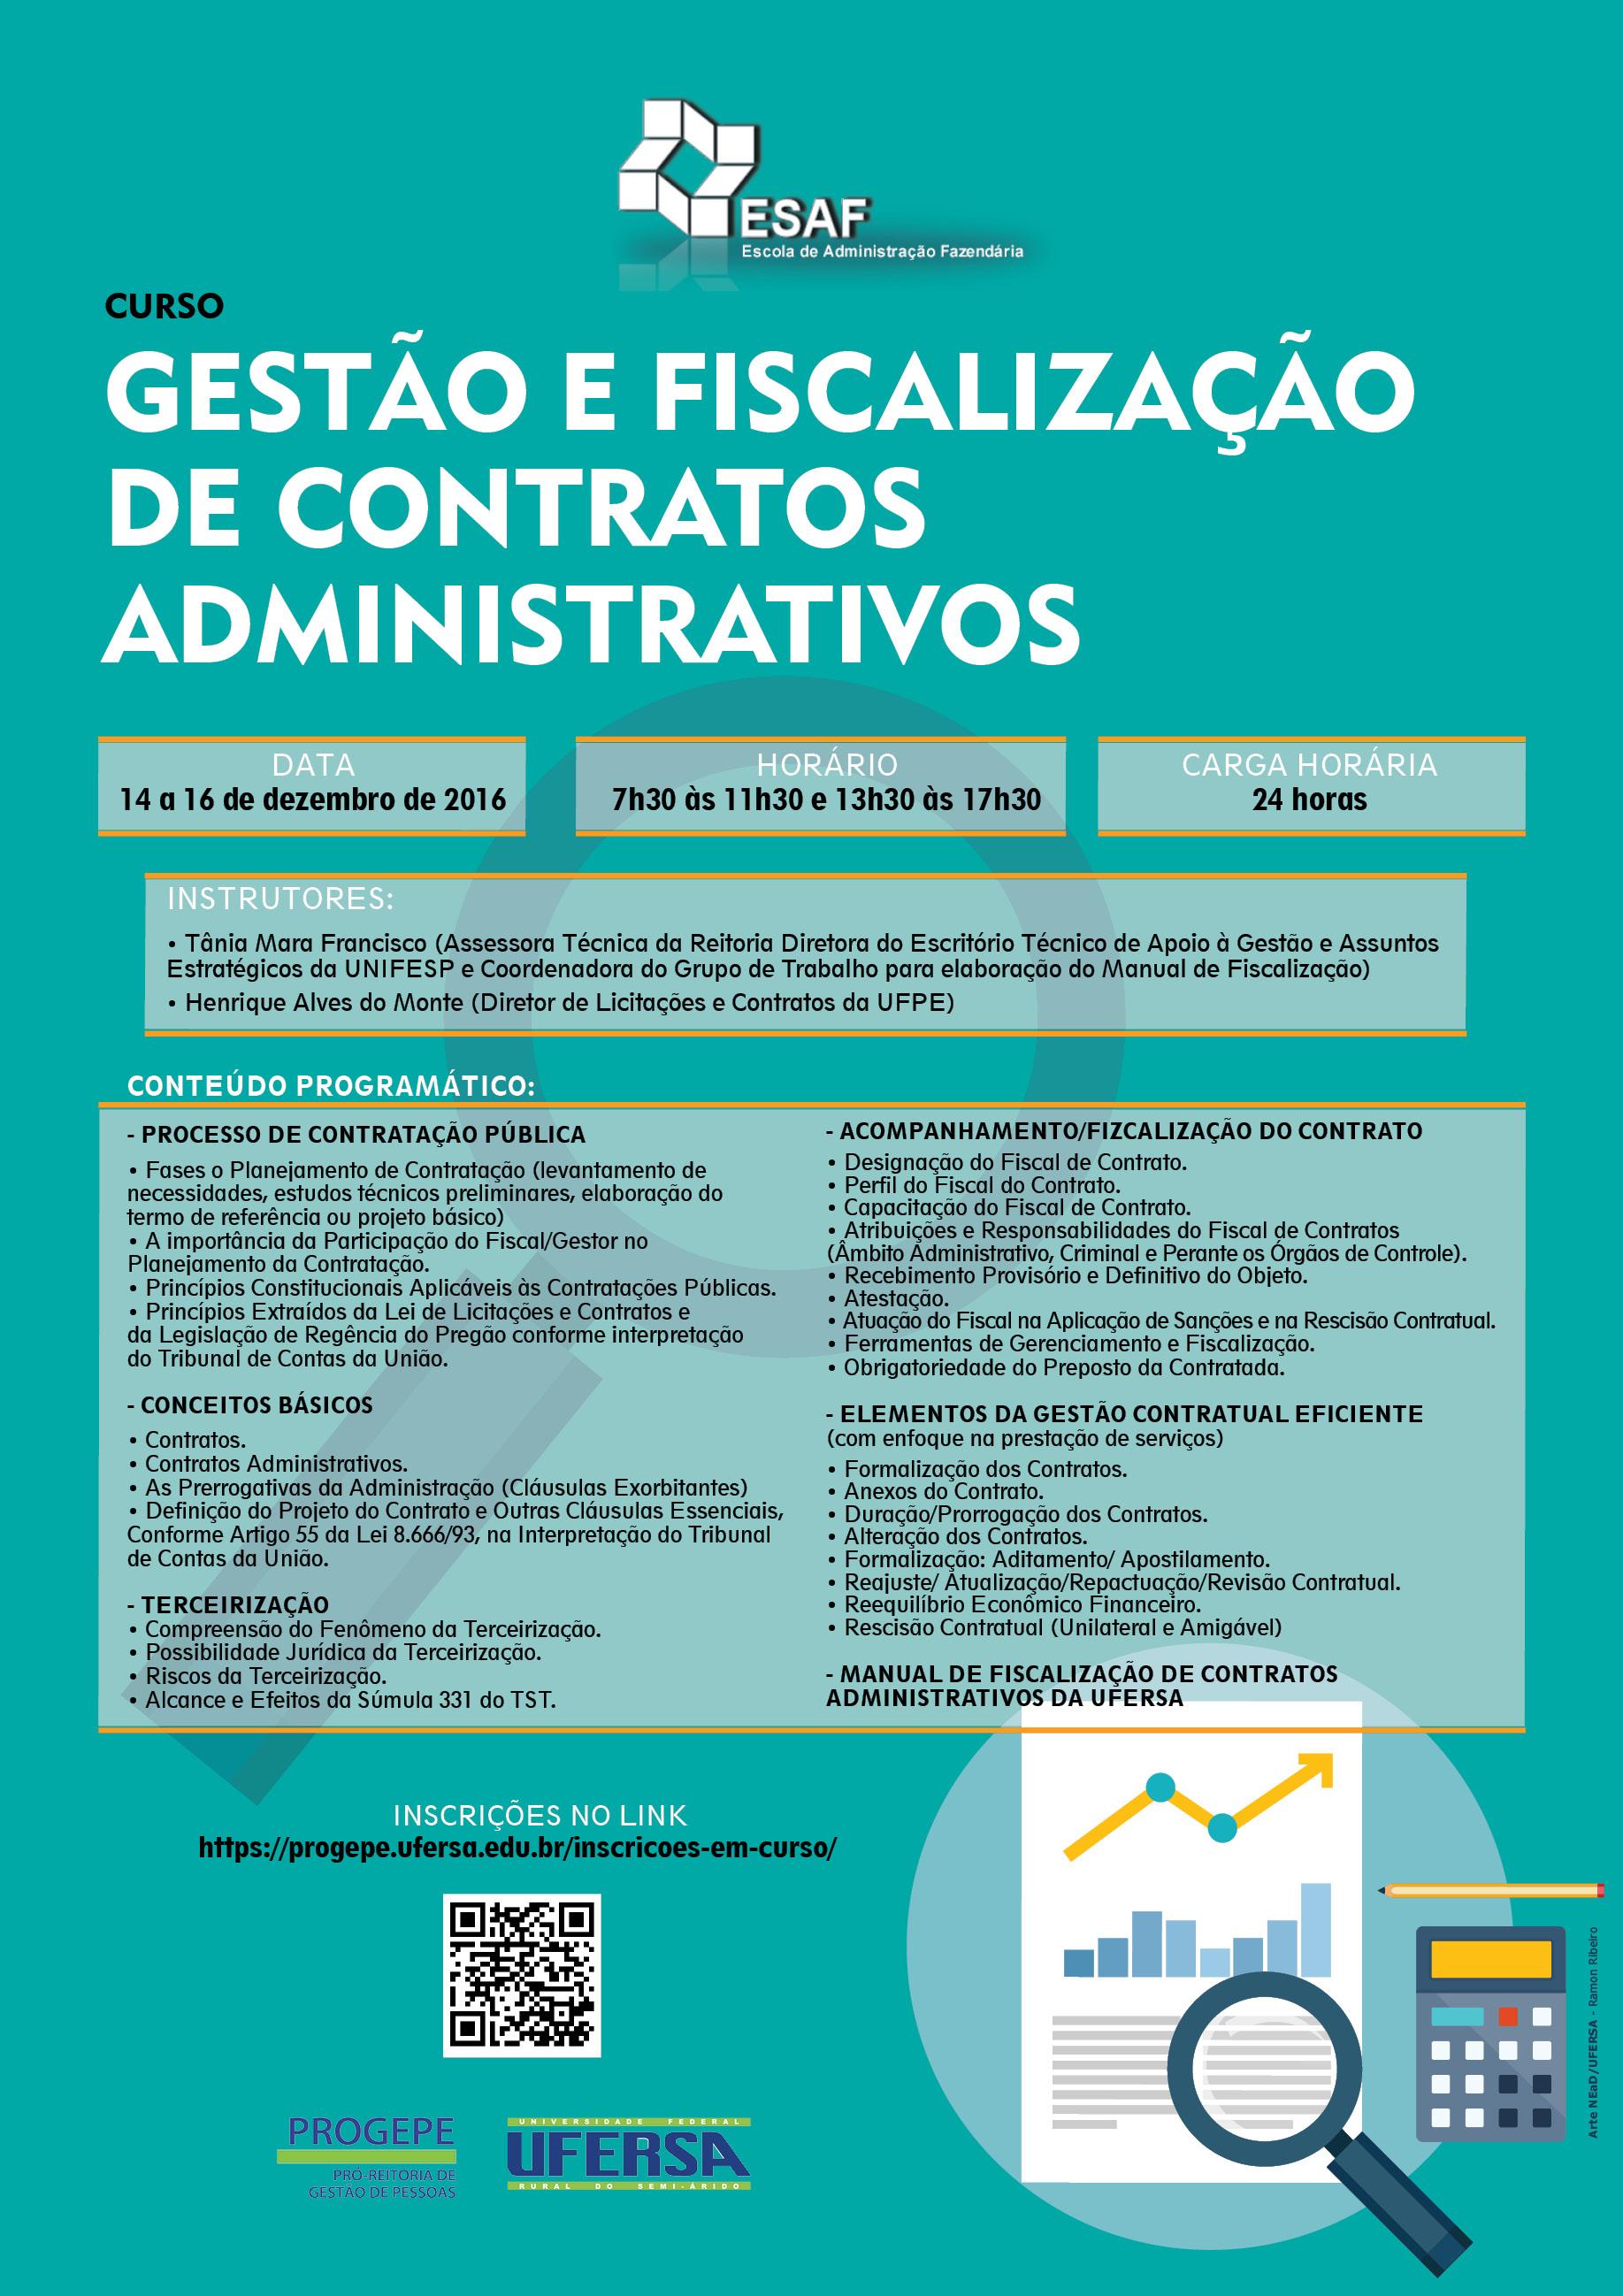 curso GESTÃO E FISCALIZAÇÃO